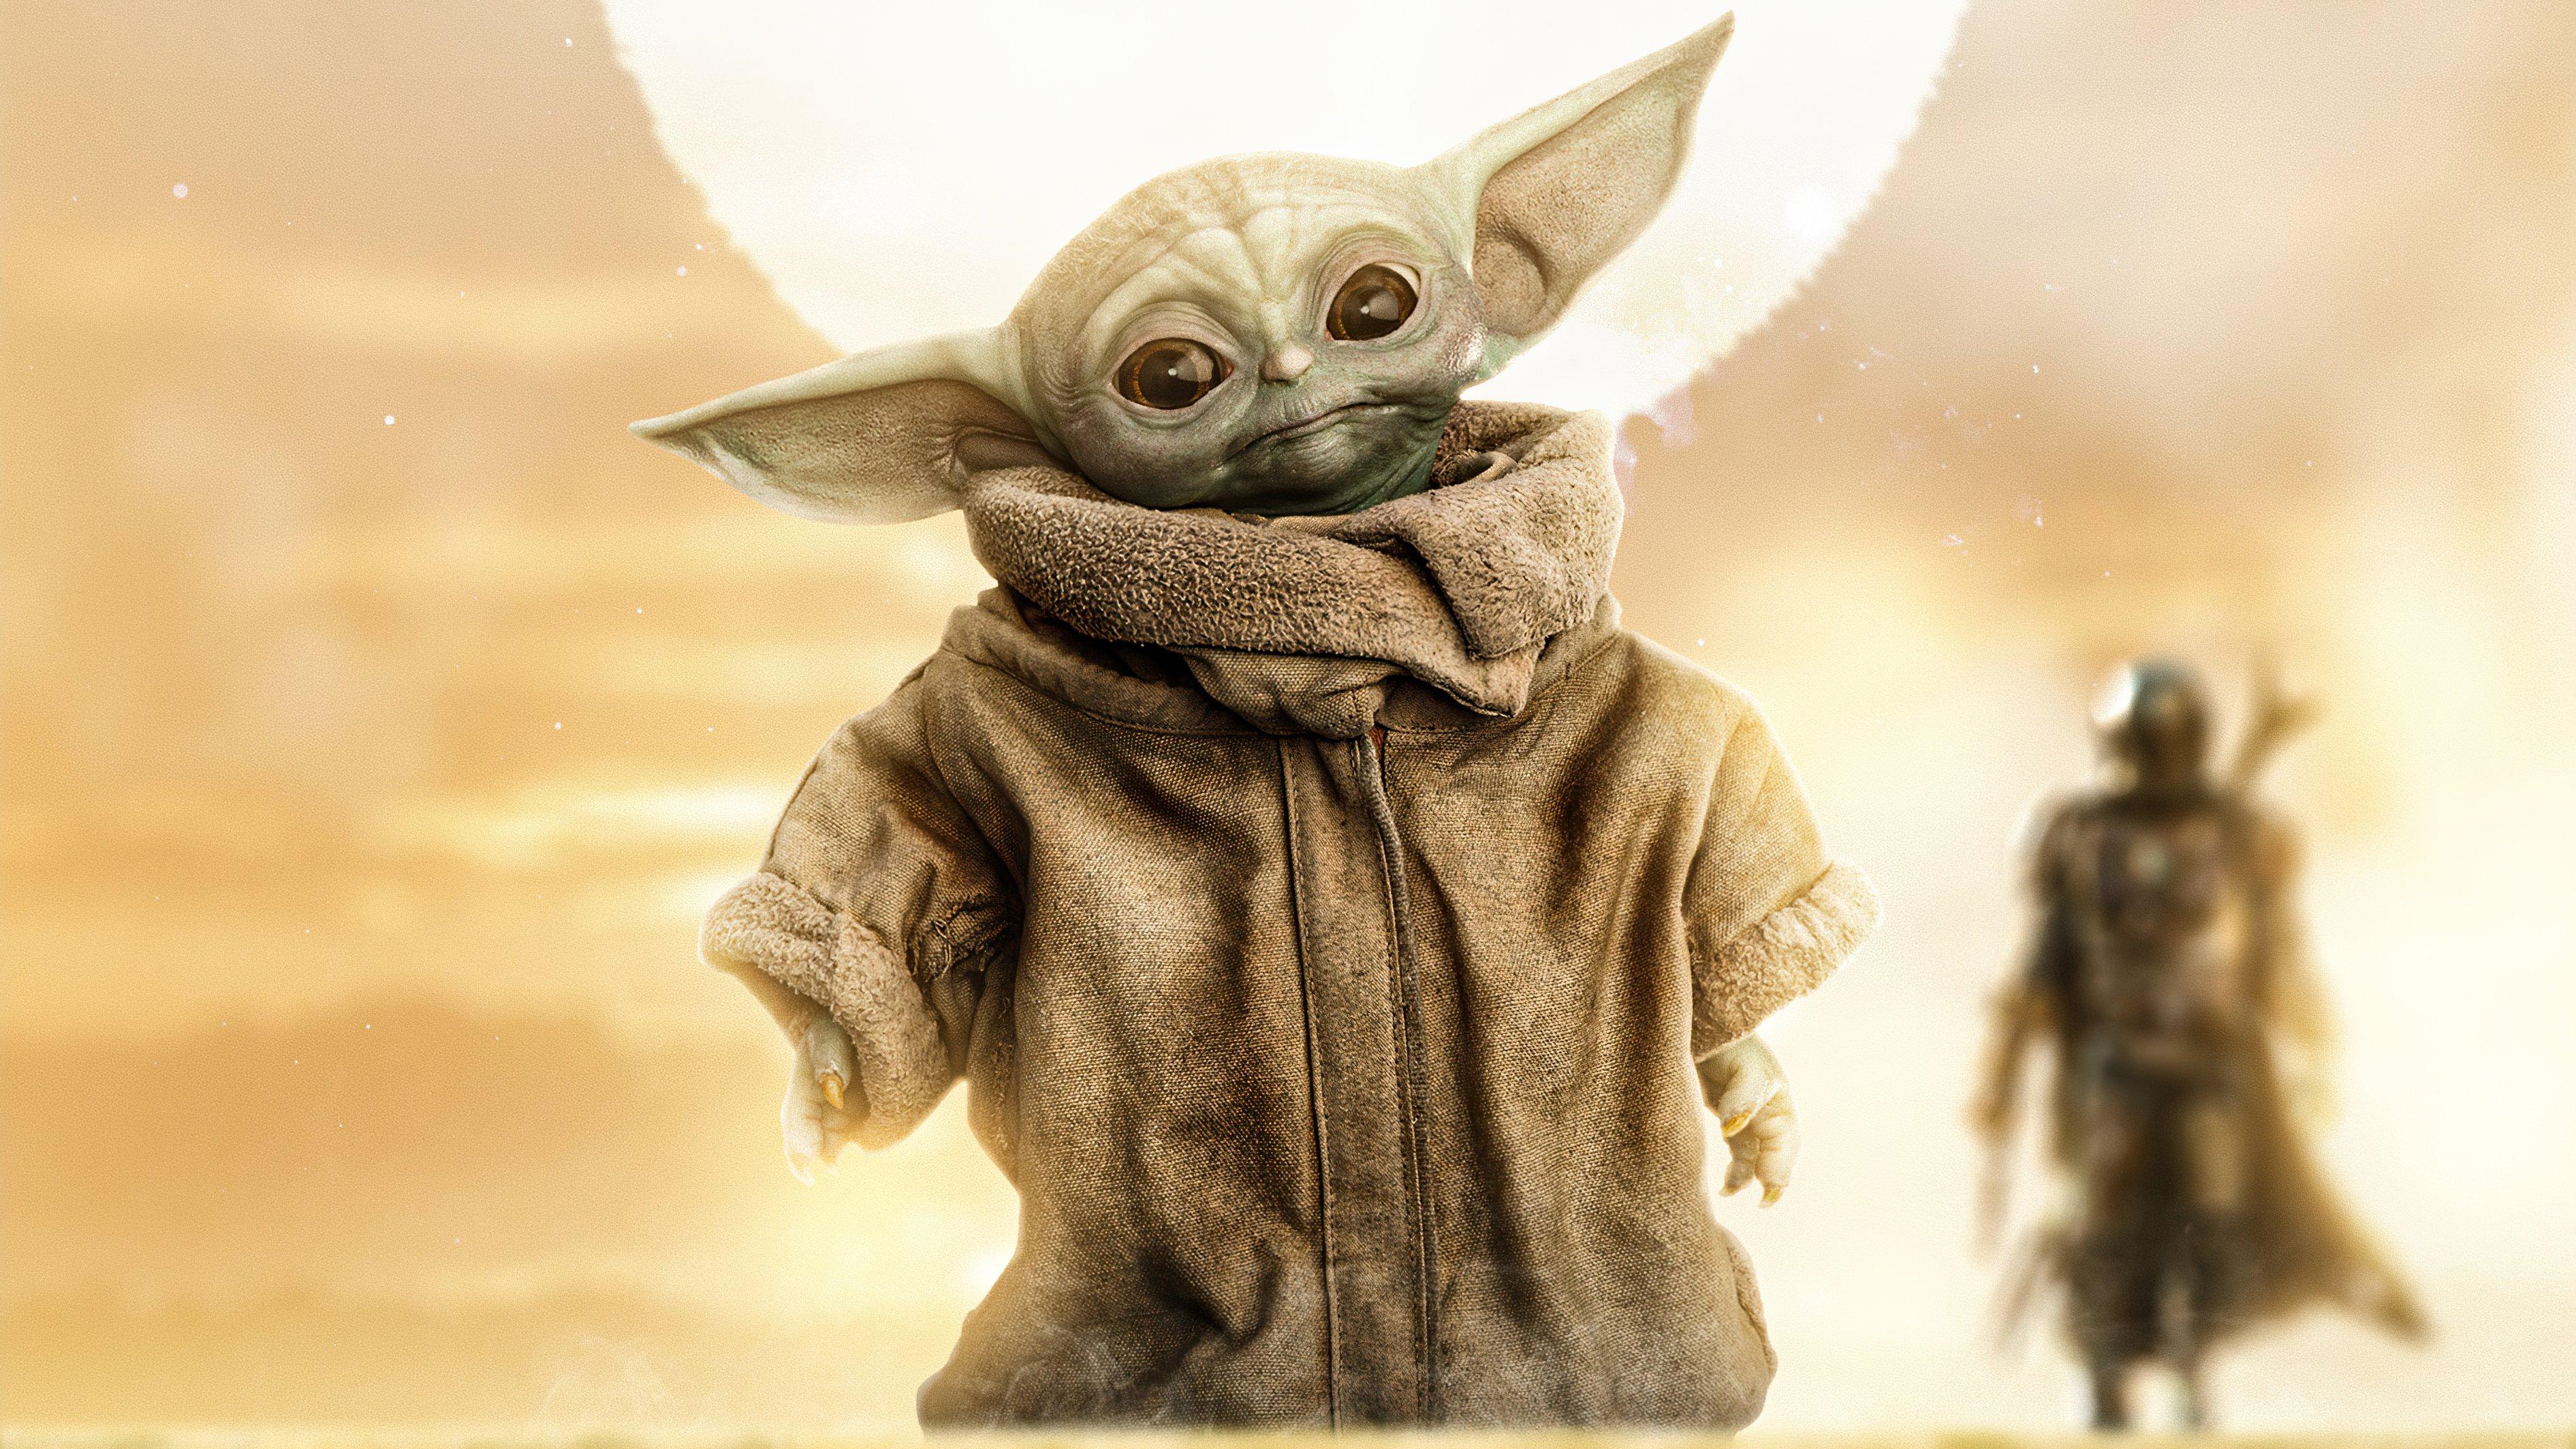 Fondos de pantalla Baby Yoda 2020